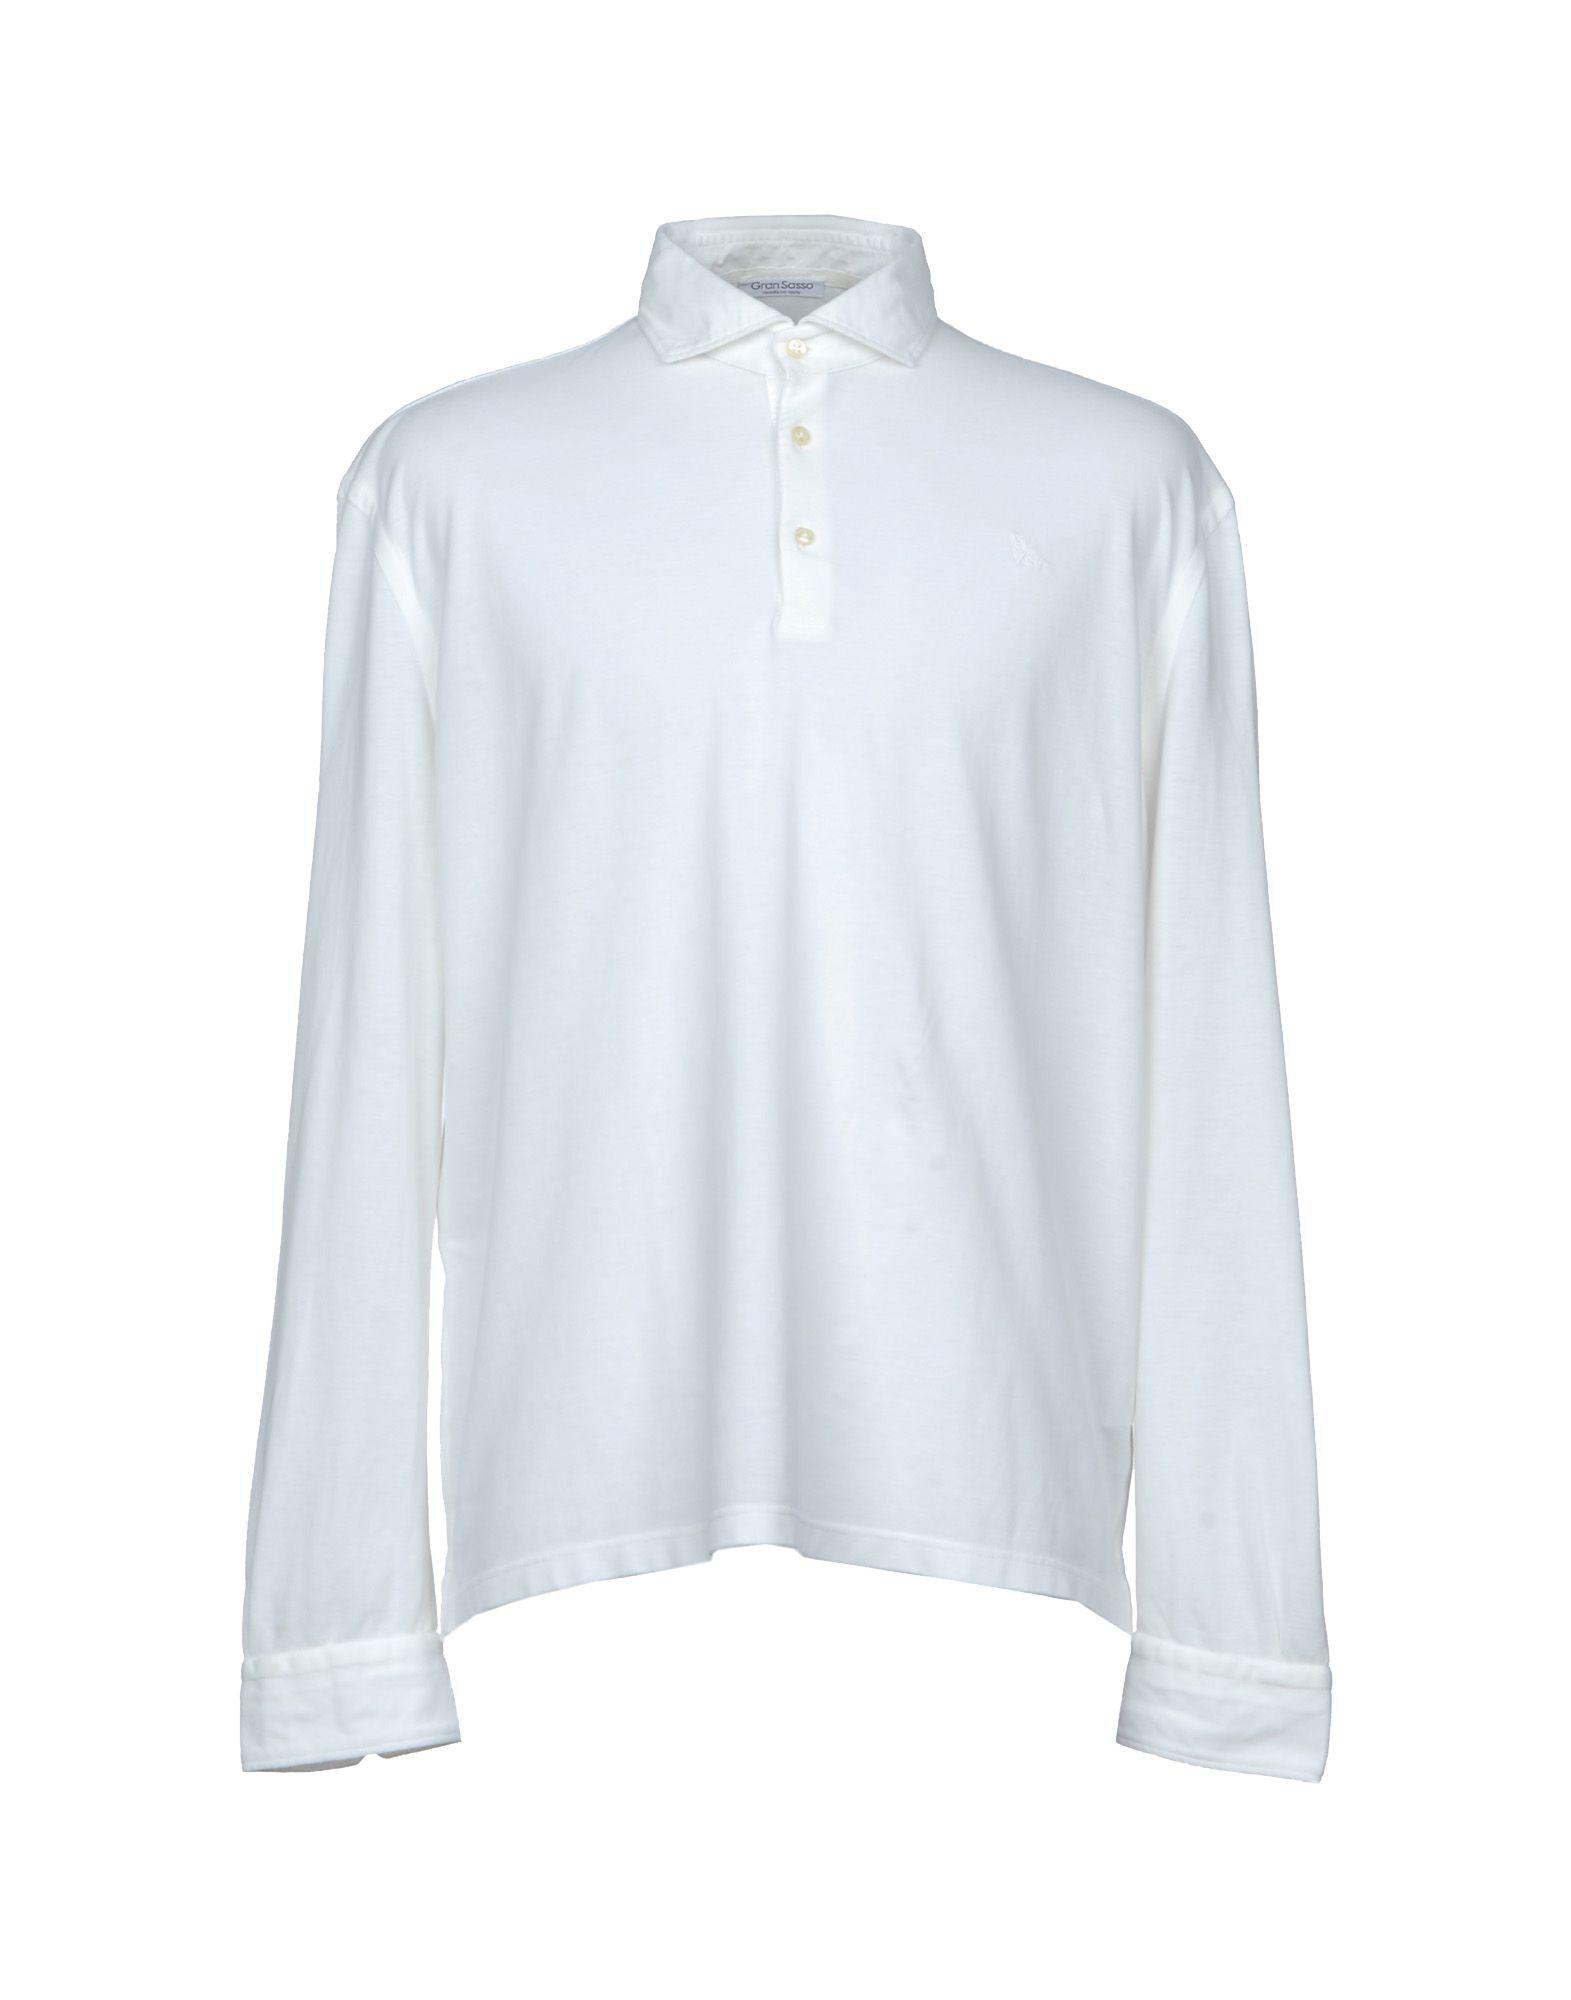 GRAN SASSO Herren Poloshirt Farbe Weiß Größe 7 jetztbilligerkaufen